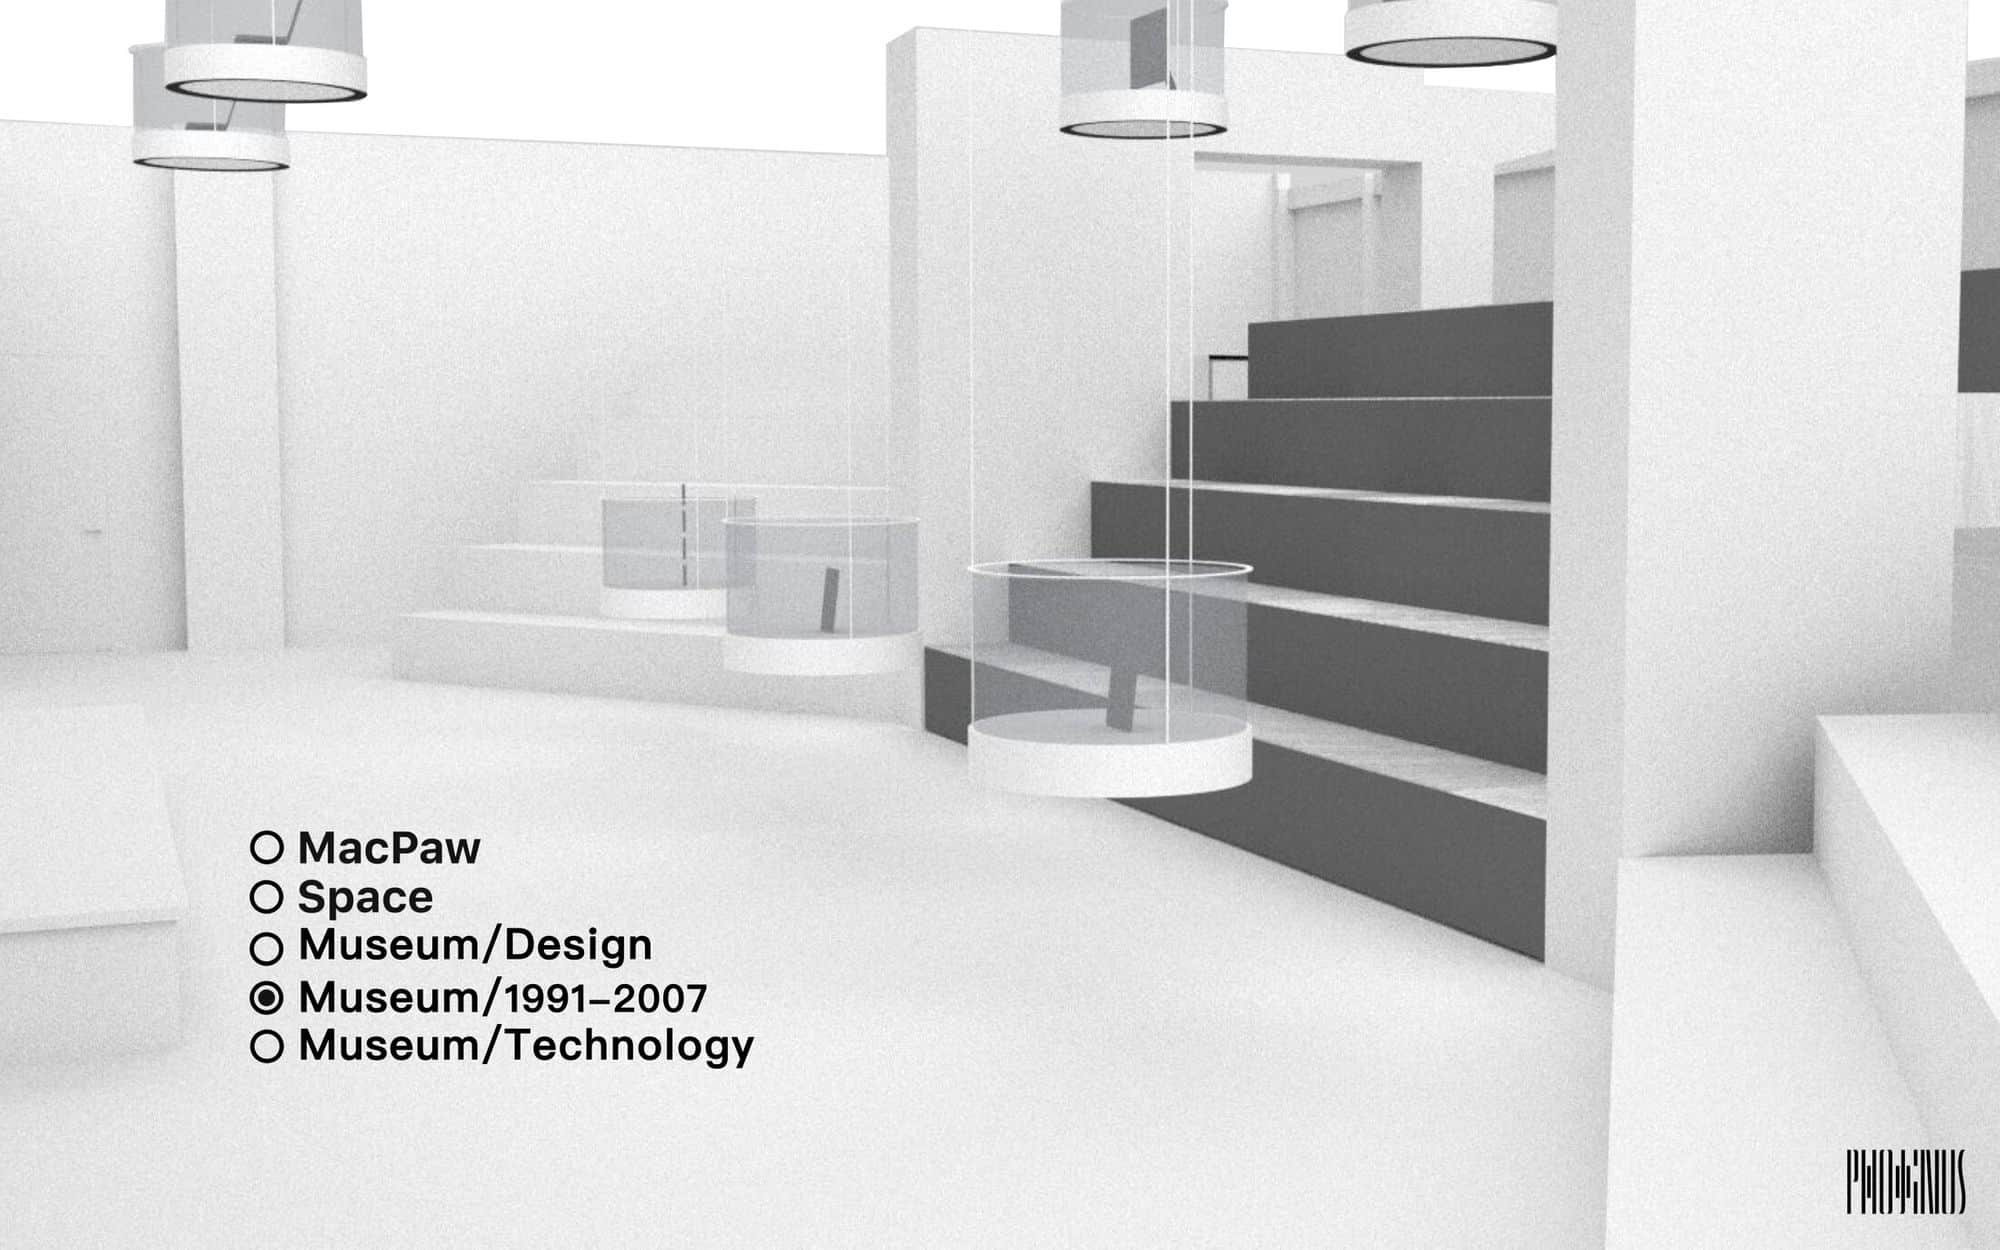 MacPaw откроет музей техники Apple в Киеве